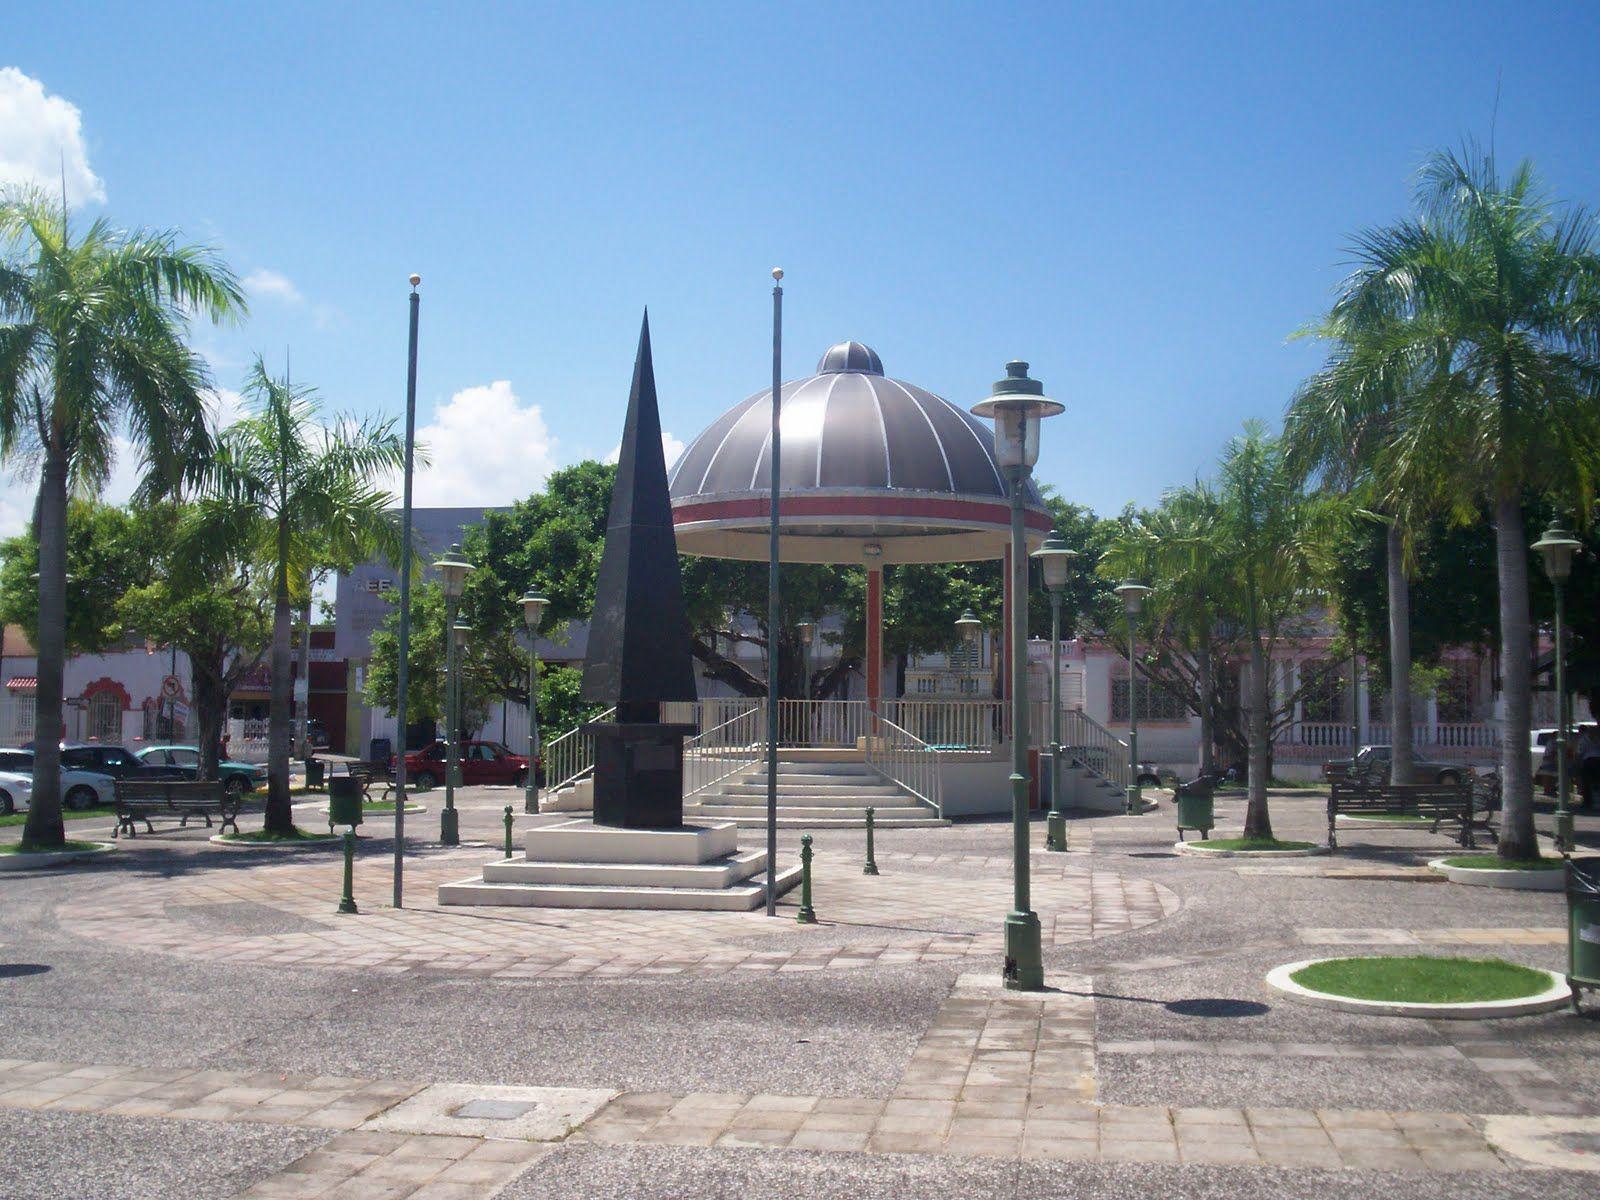 catano, puerto rico | Descubriendo nuestra historia